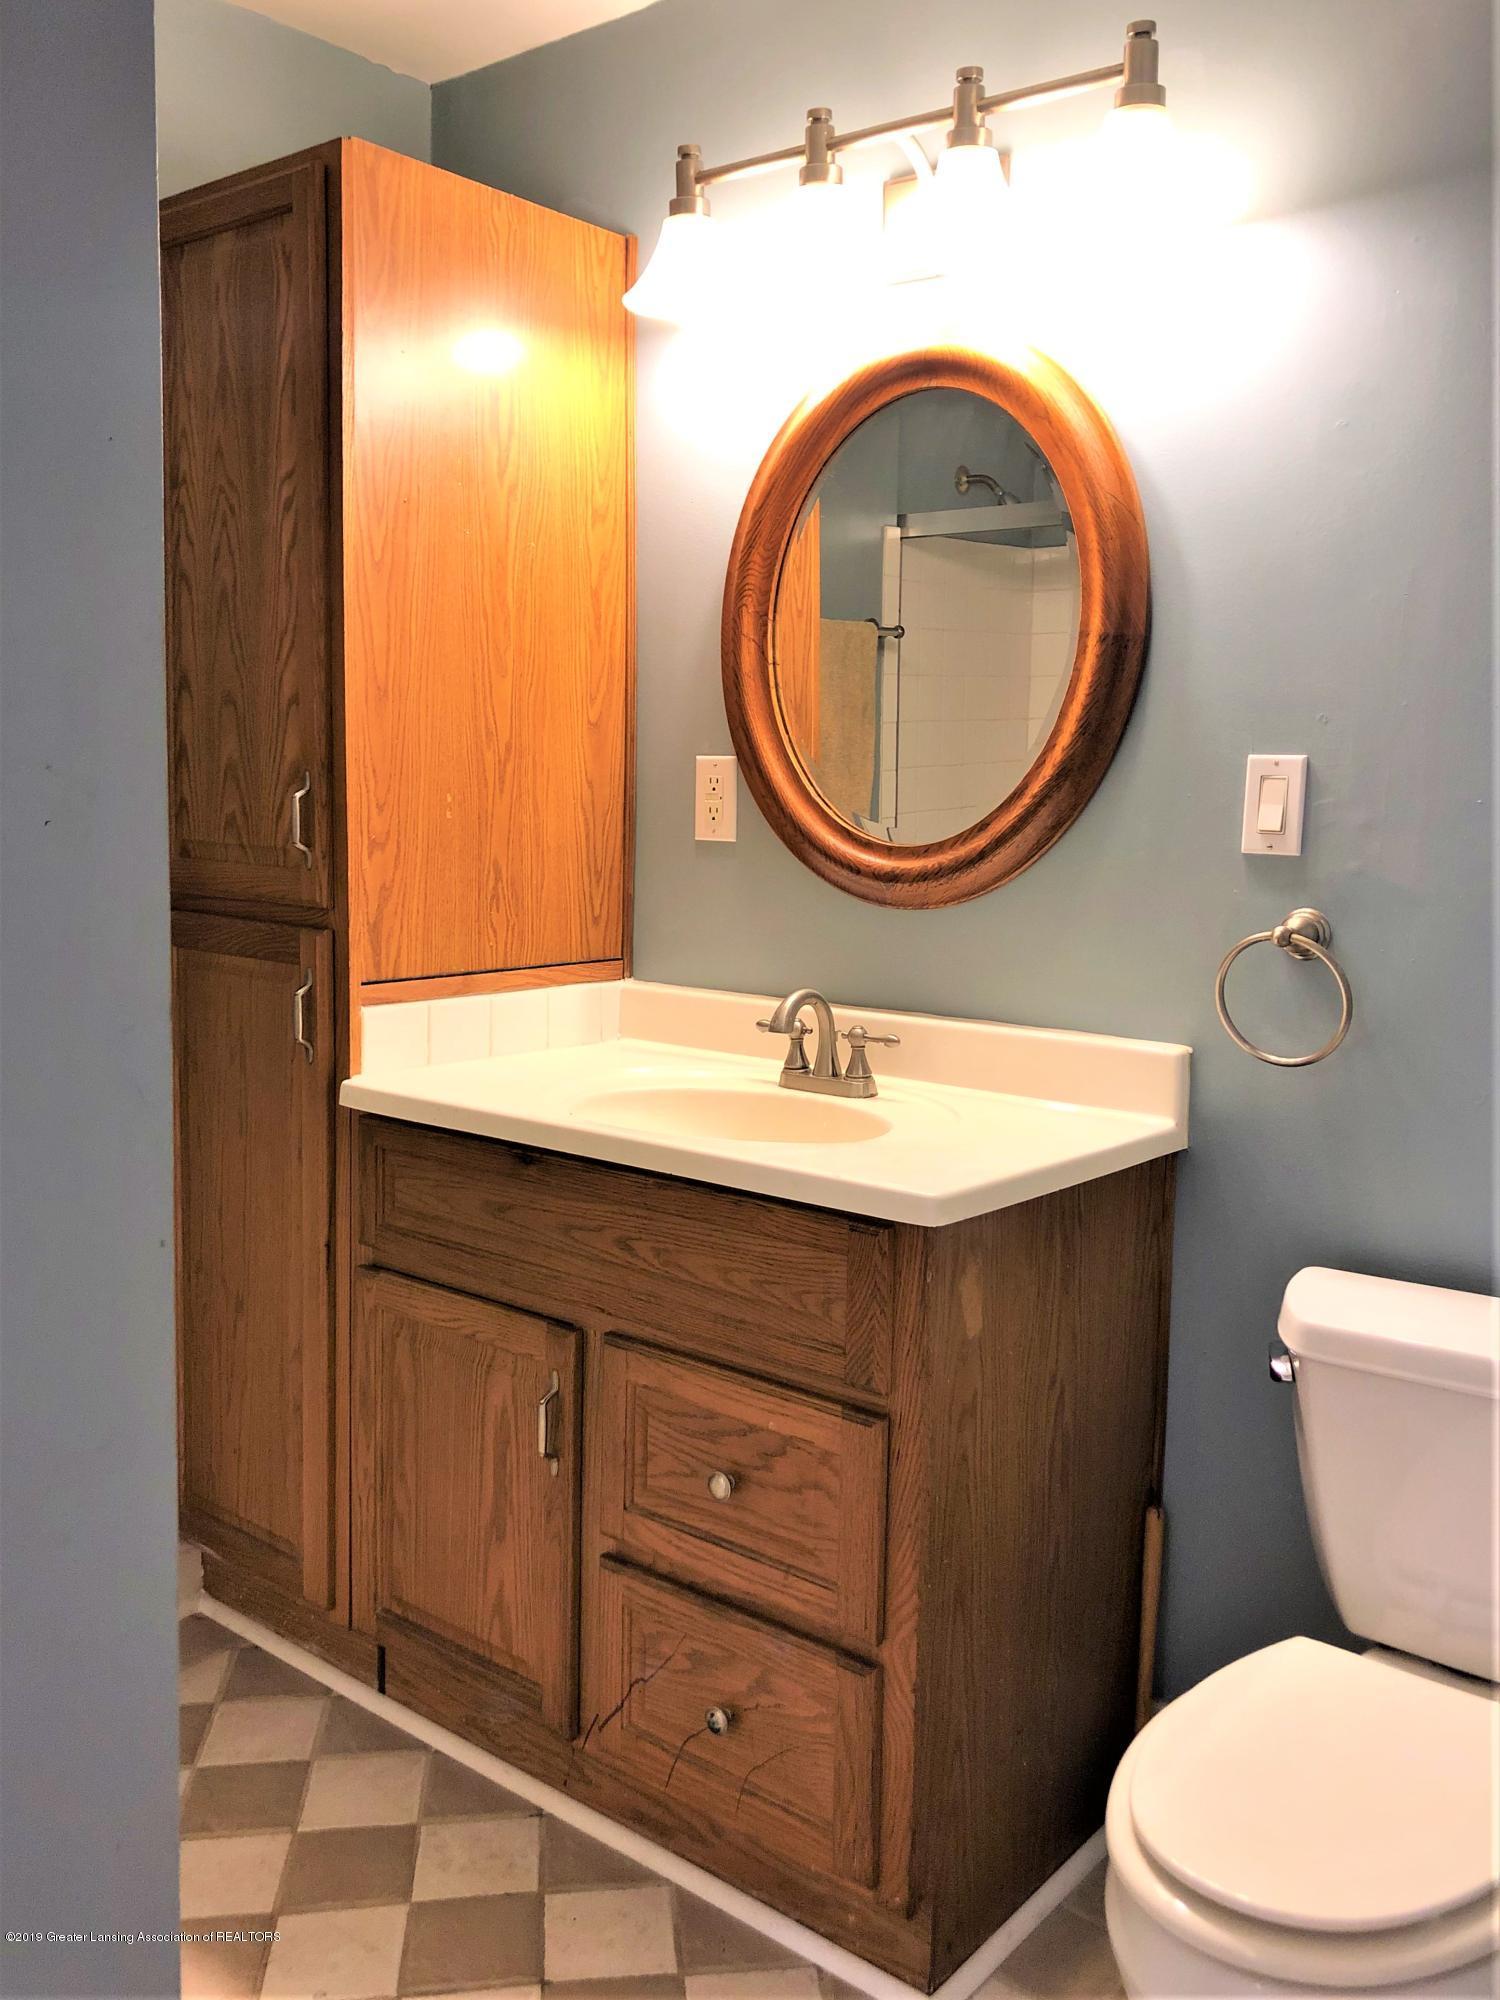 2010 Ferrol St - Bathroom - 5